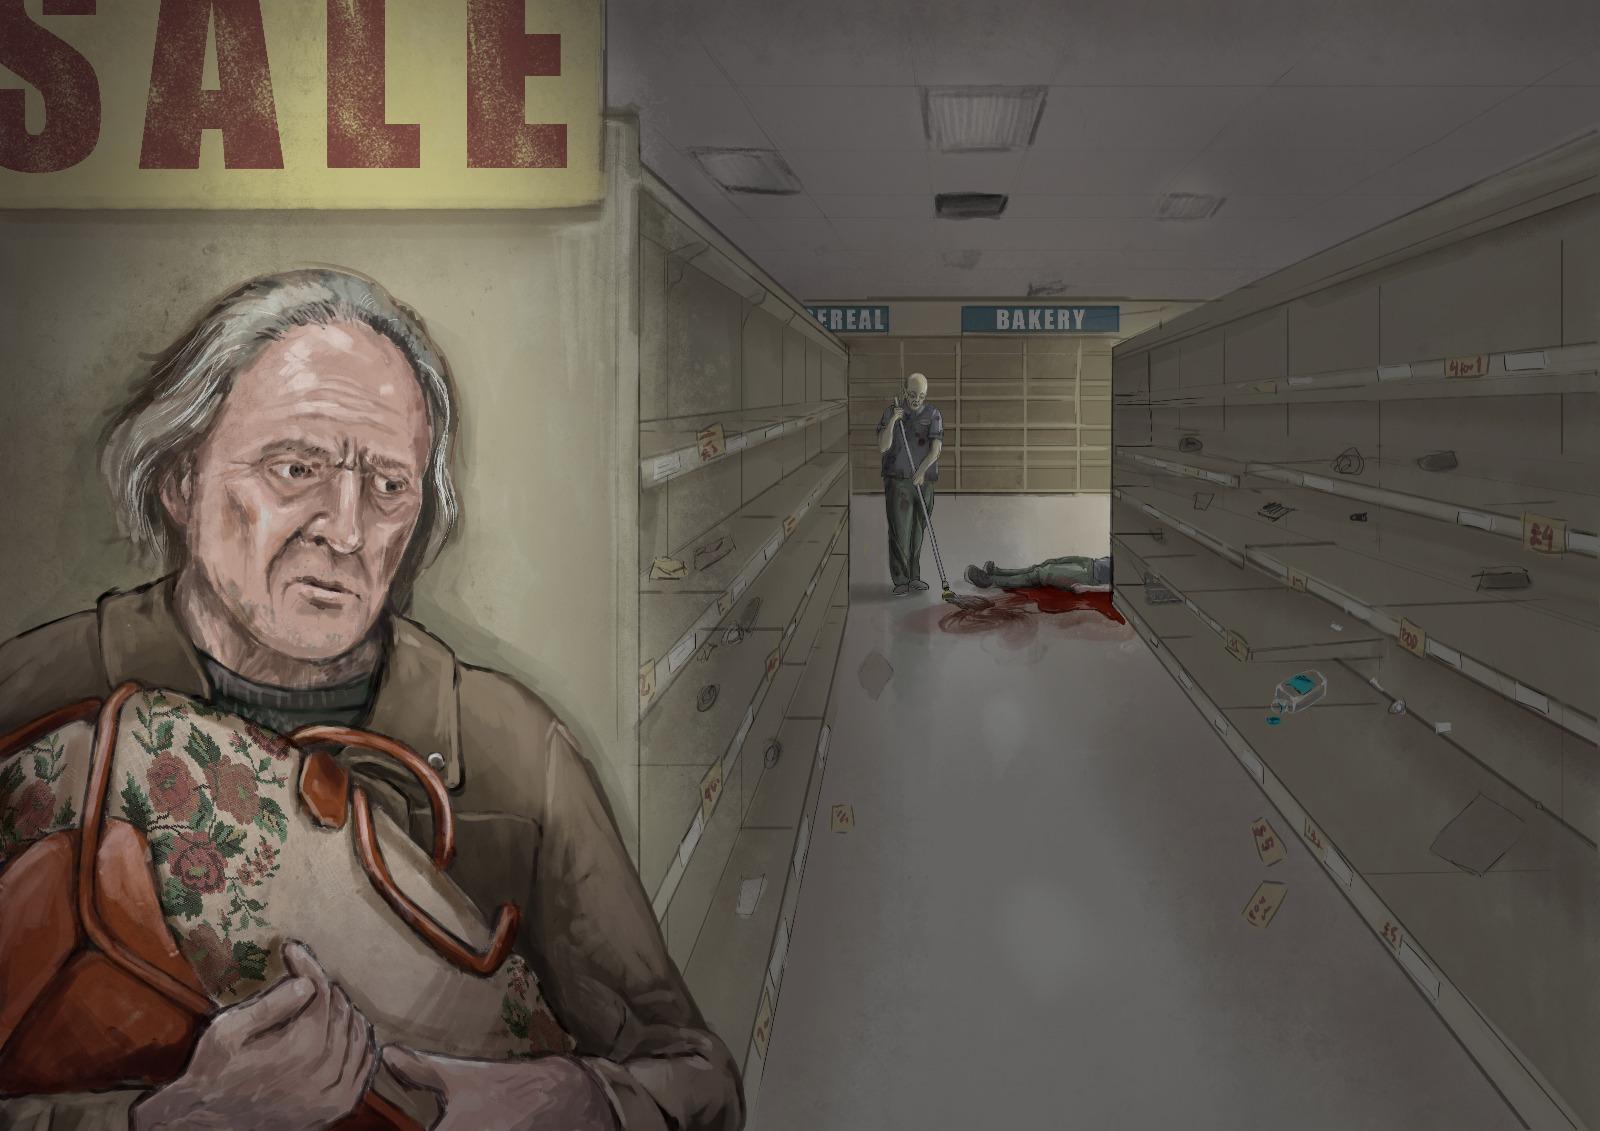 supermarket.jpeg